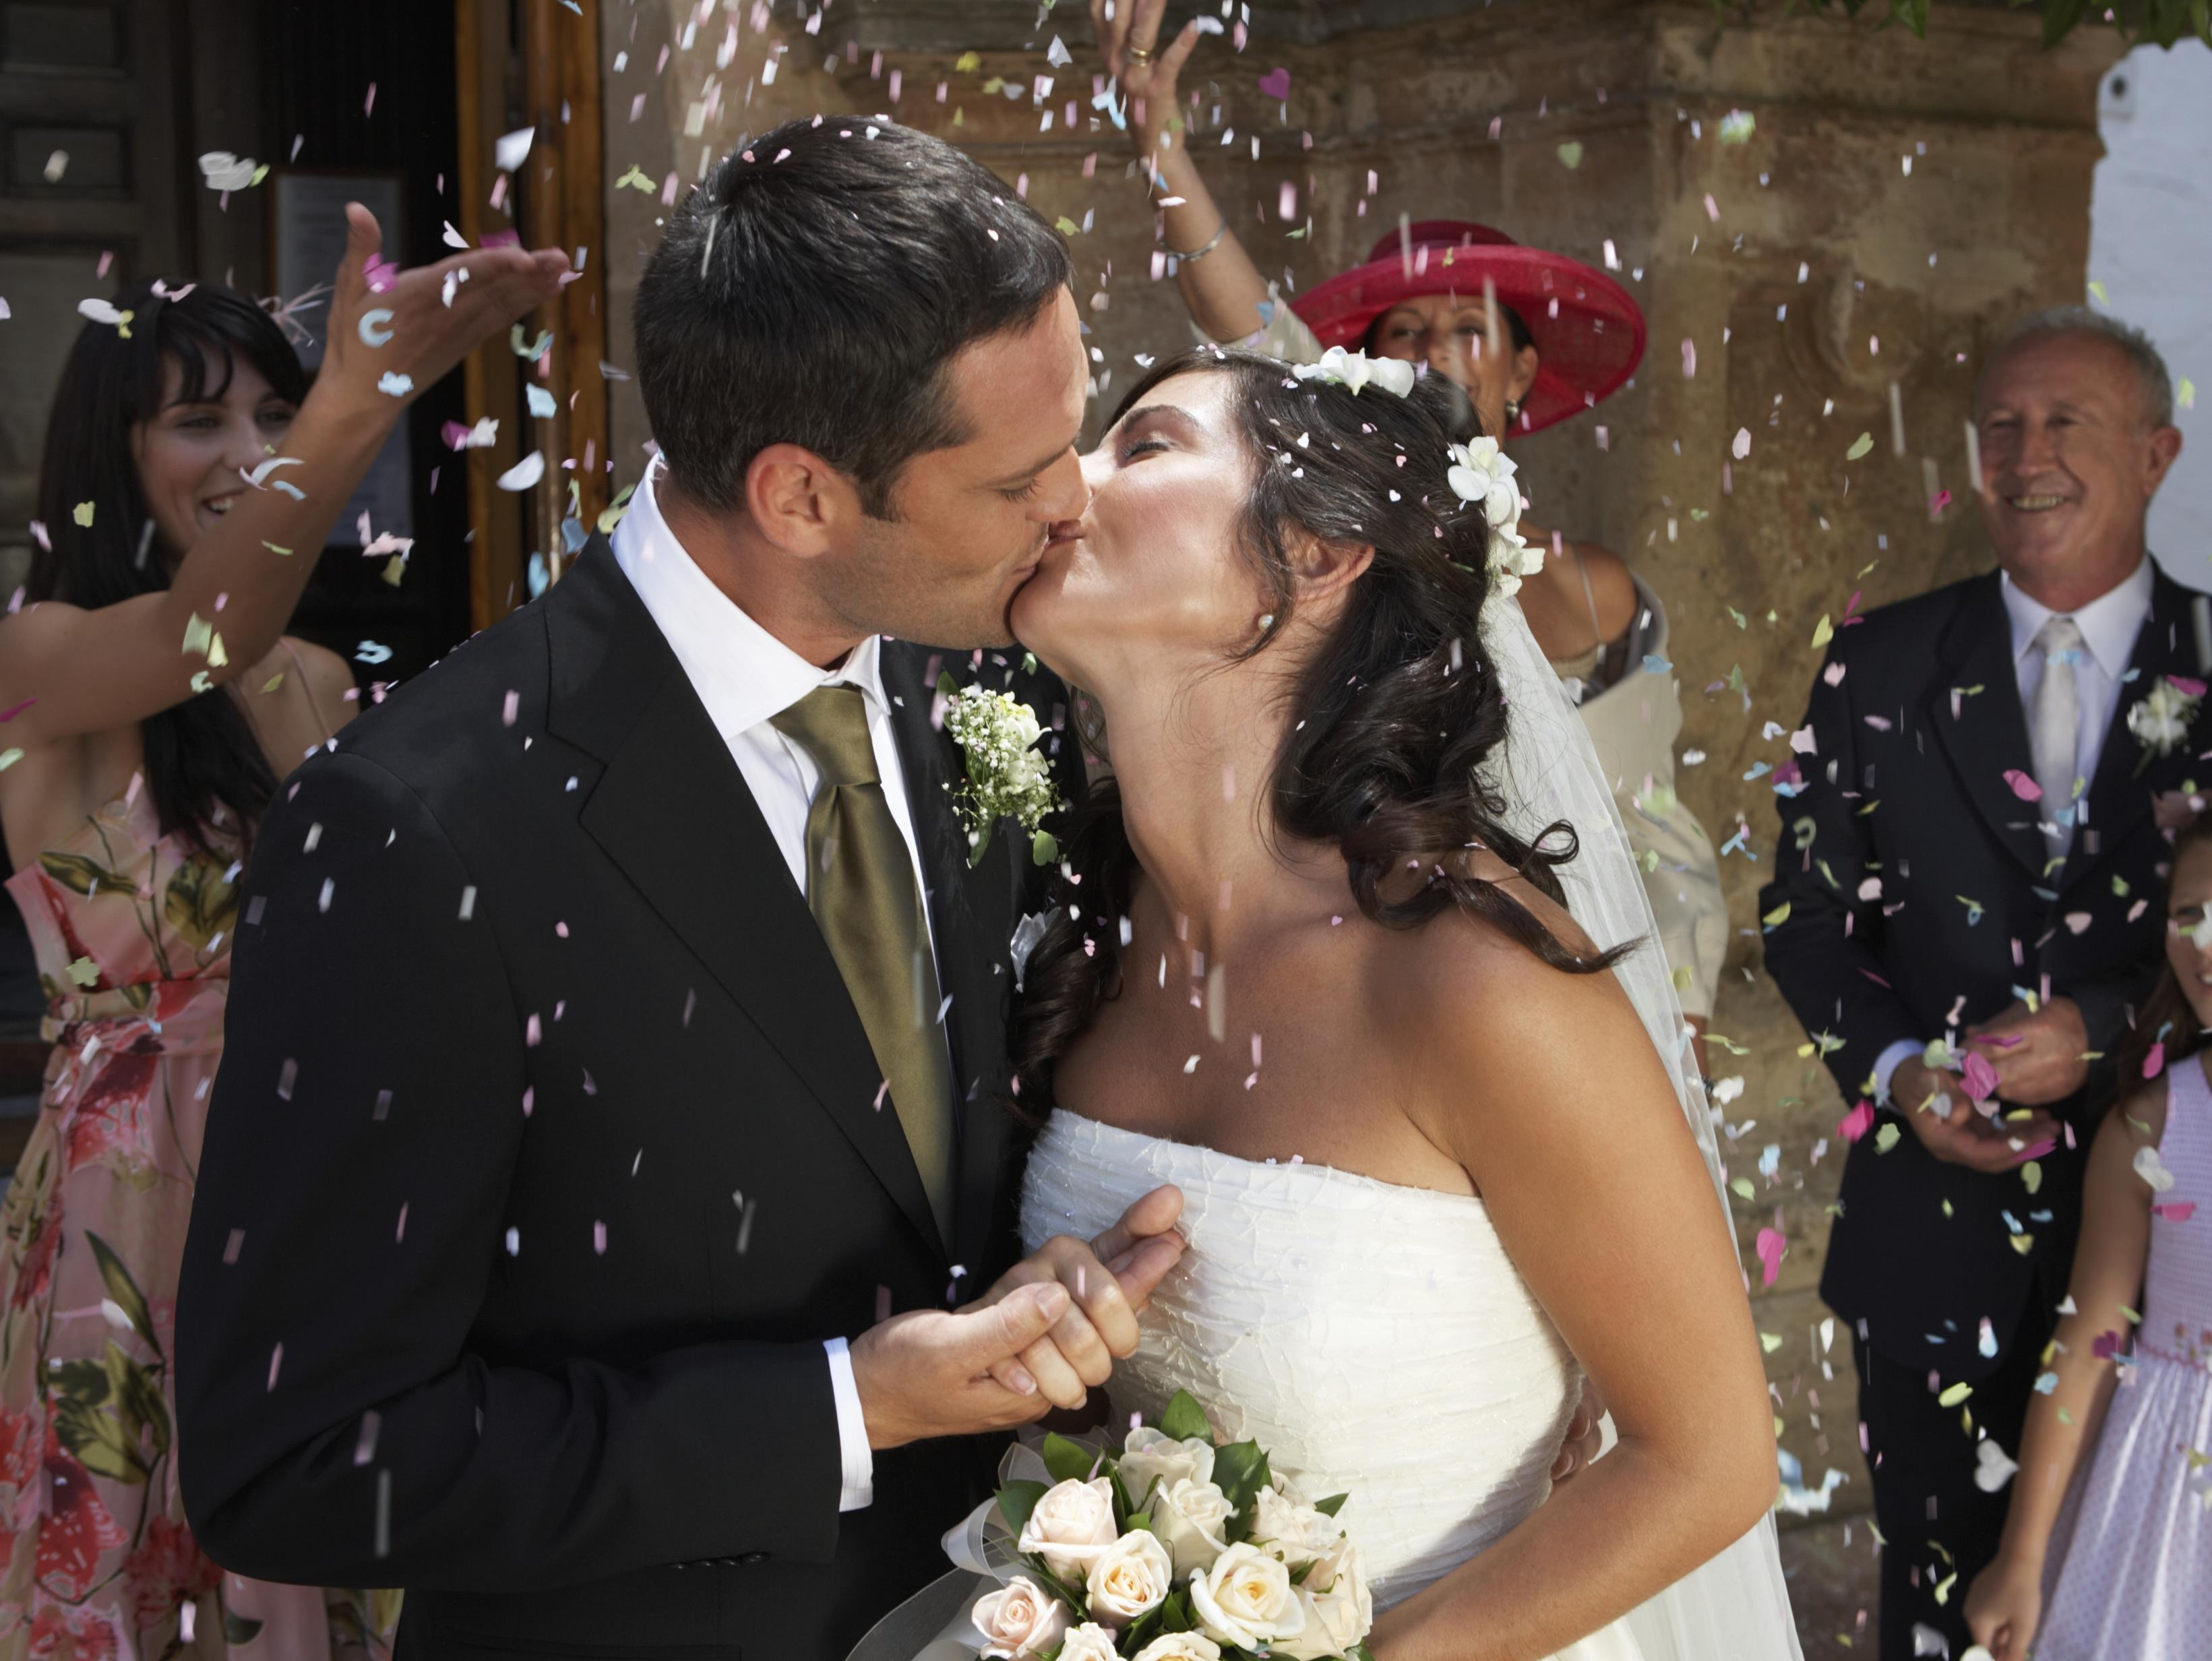 małżeństwo nie randka wywiad jak poprosić kogoś o połączenie tekstu